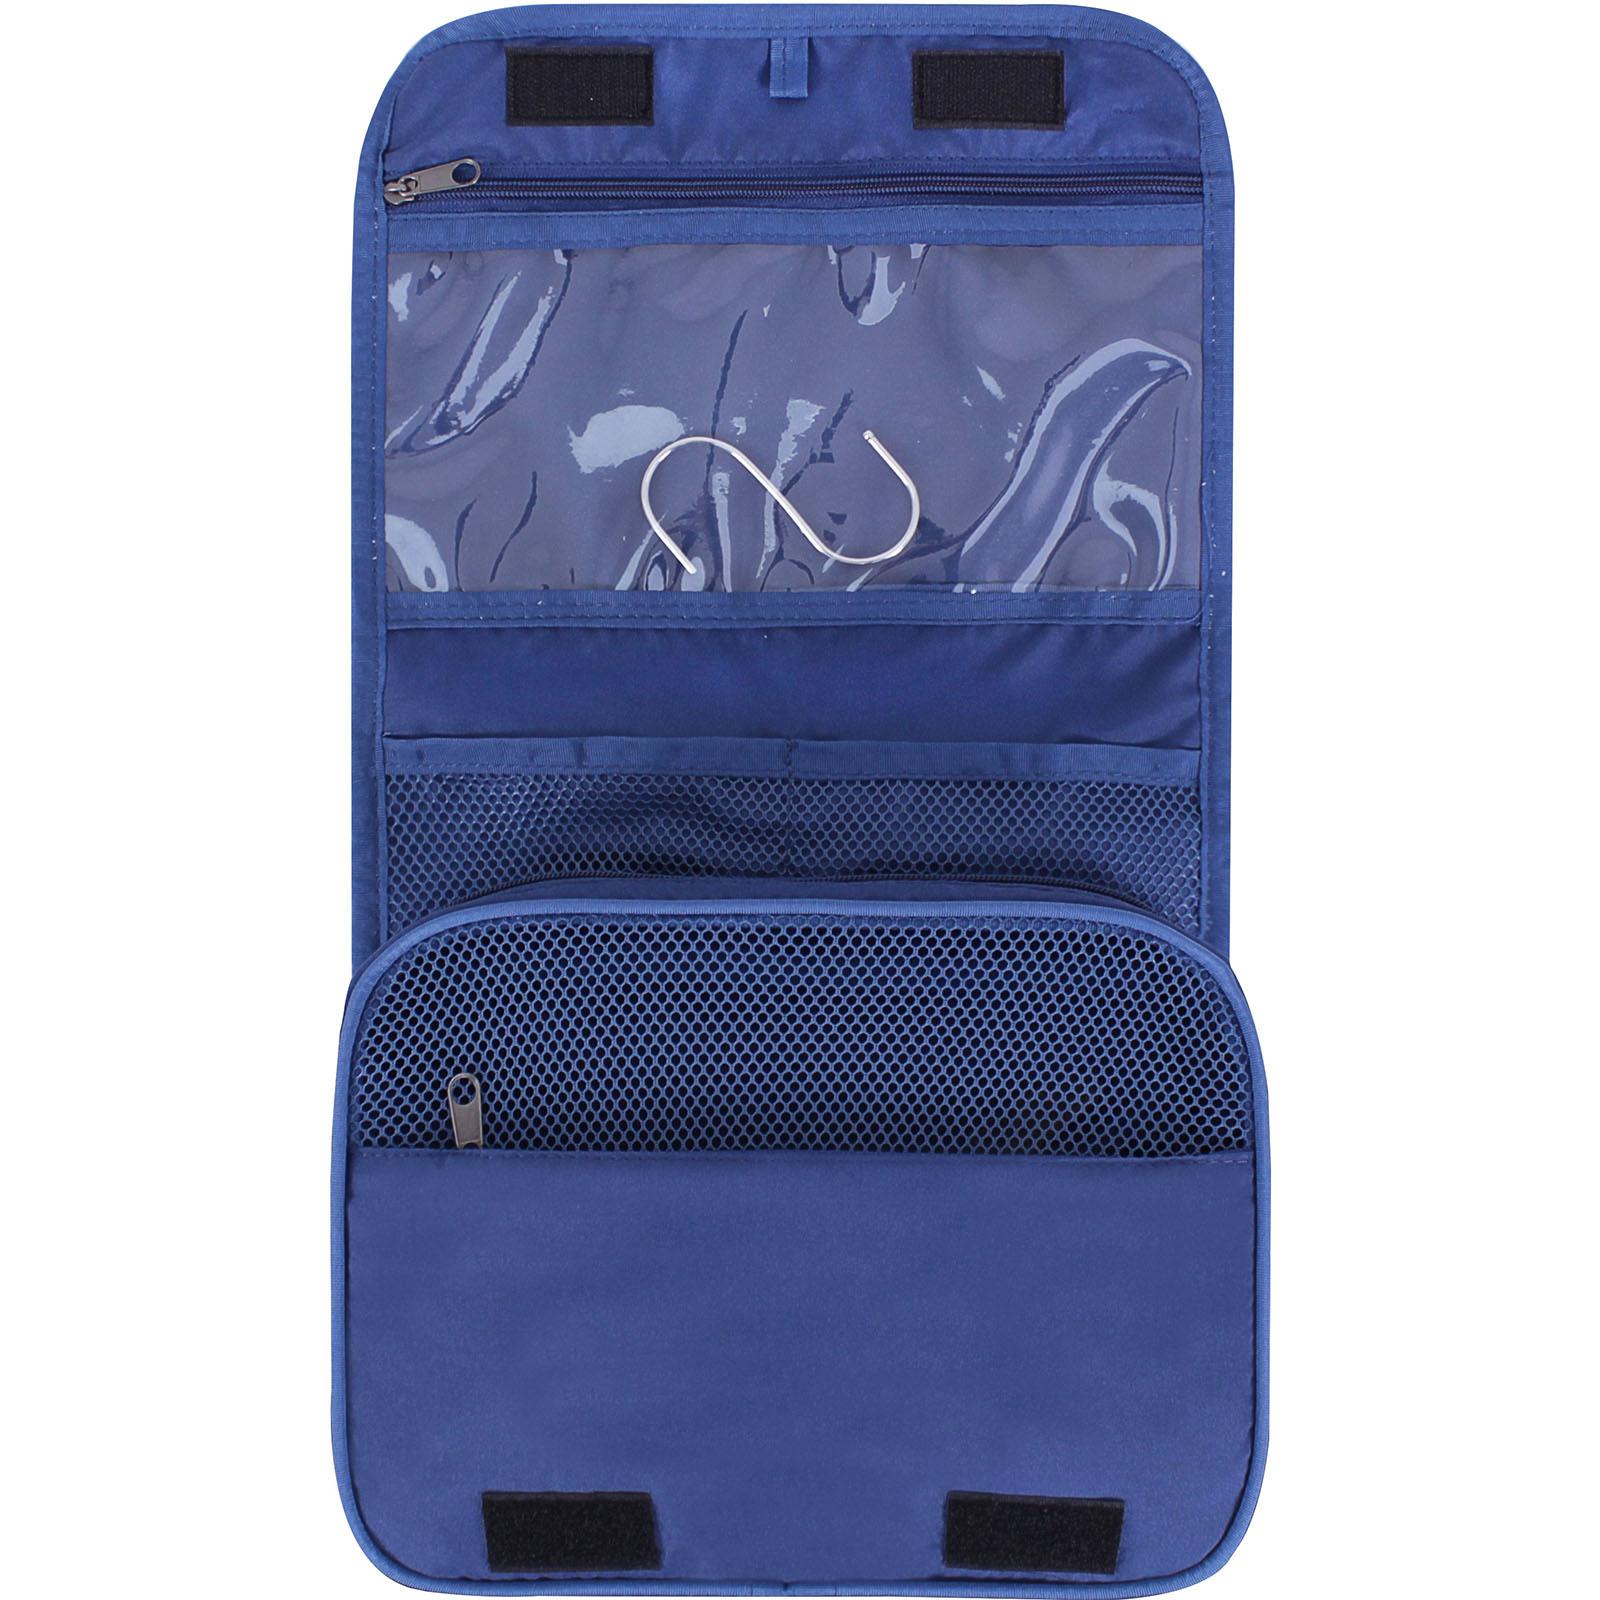 Косметичка Bagland Prestige 4 л. синий (0072315) фото 5